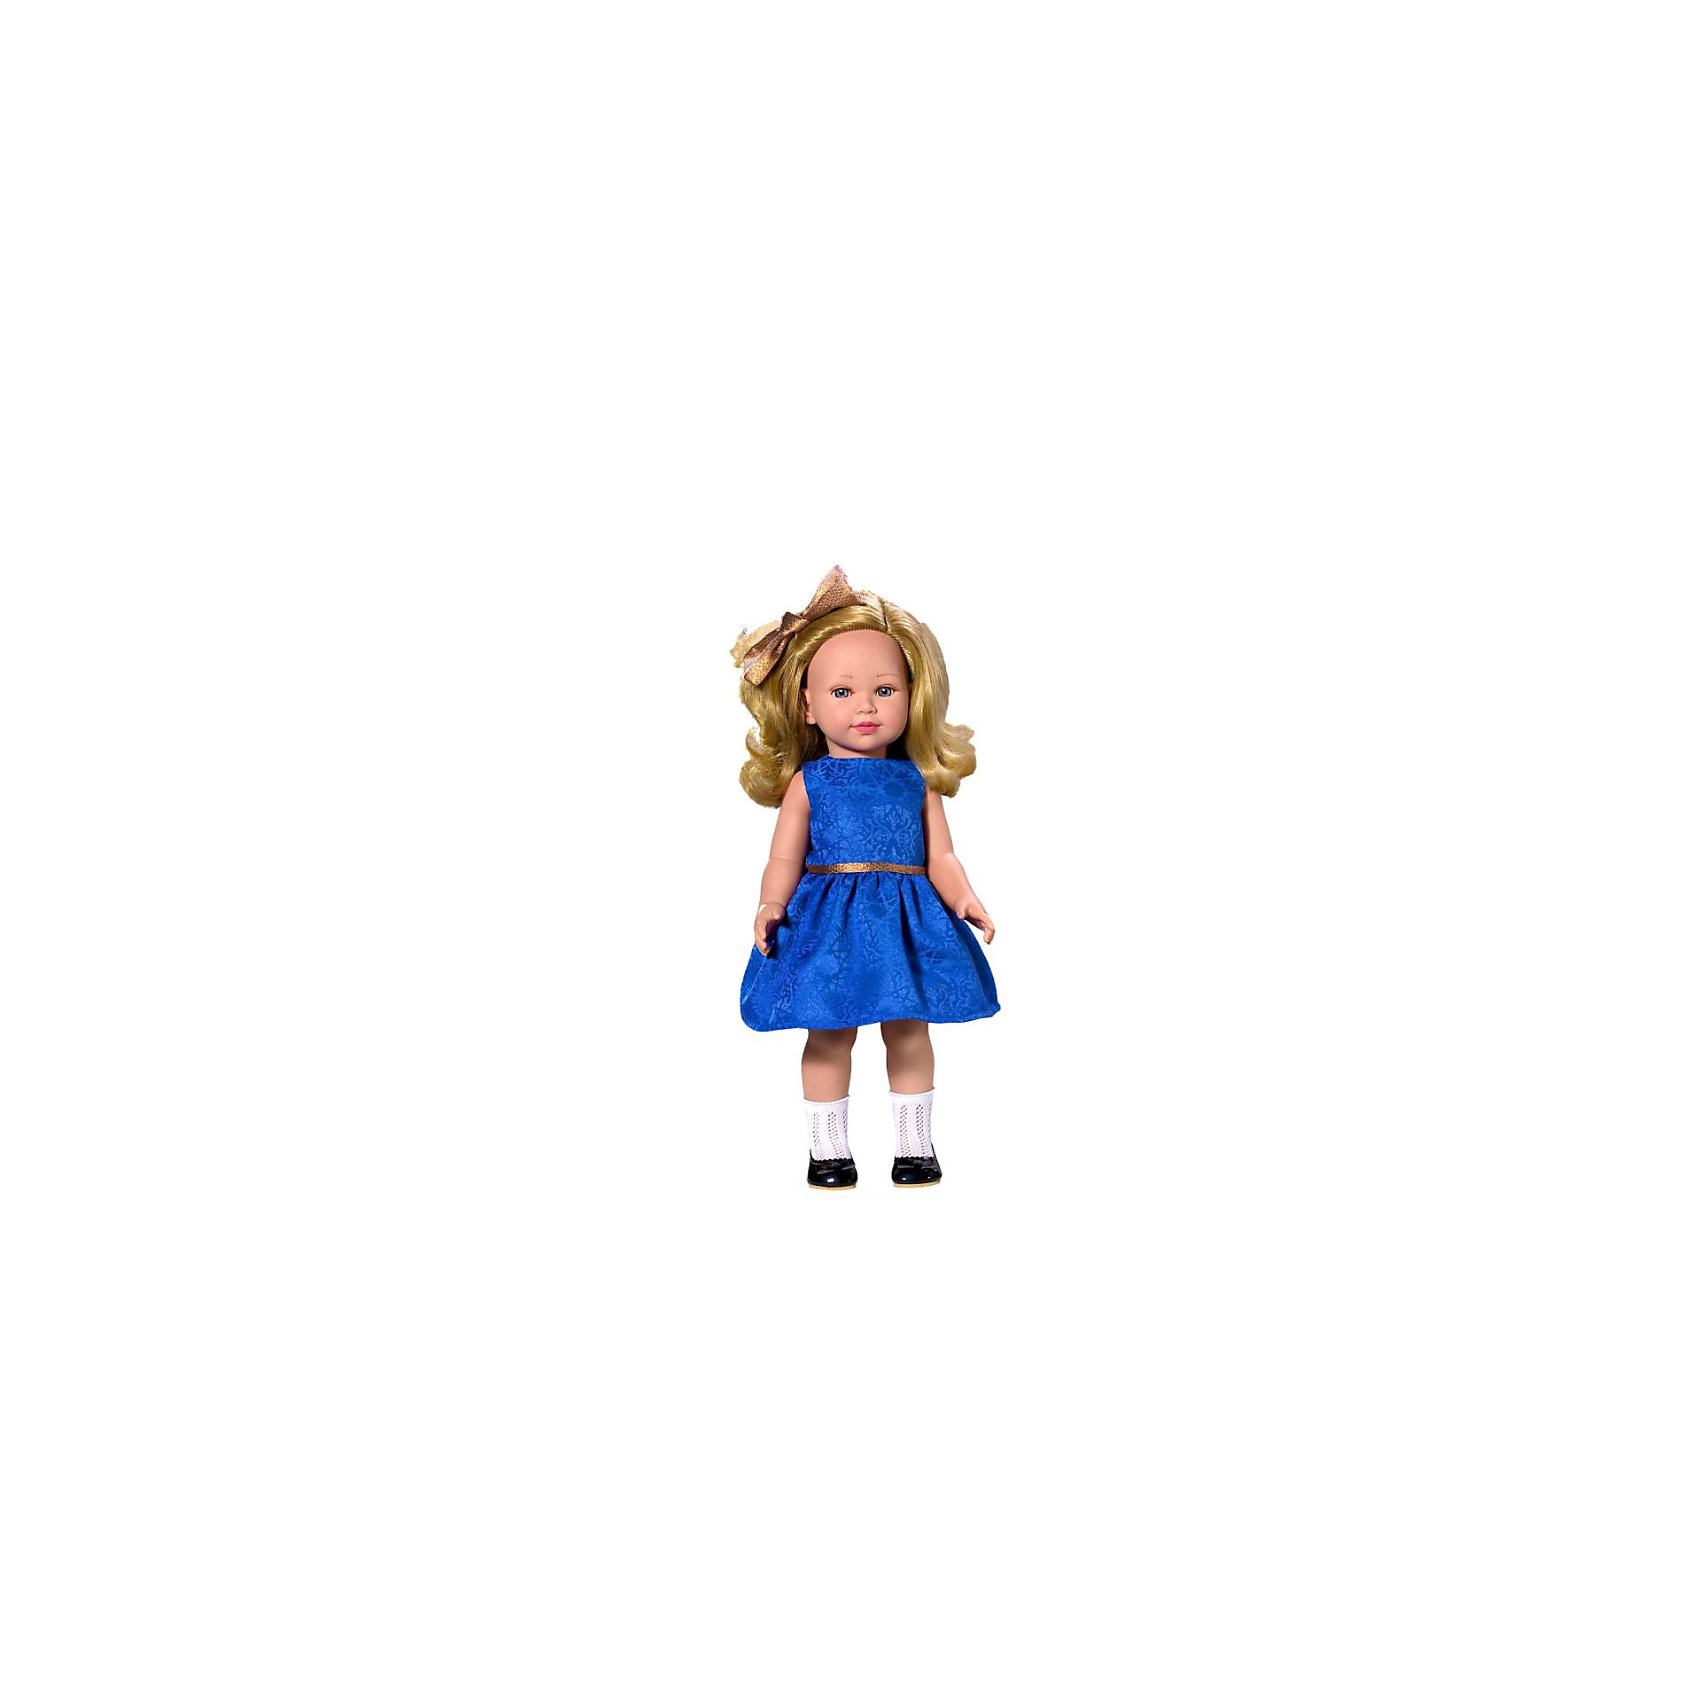 Кукла Корал, блондинка в праздничном наряде, Vestida de Azul